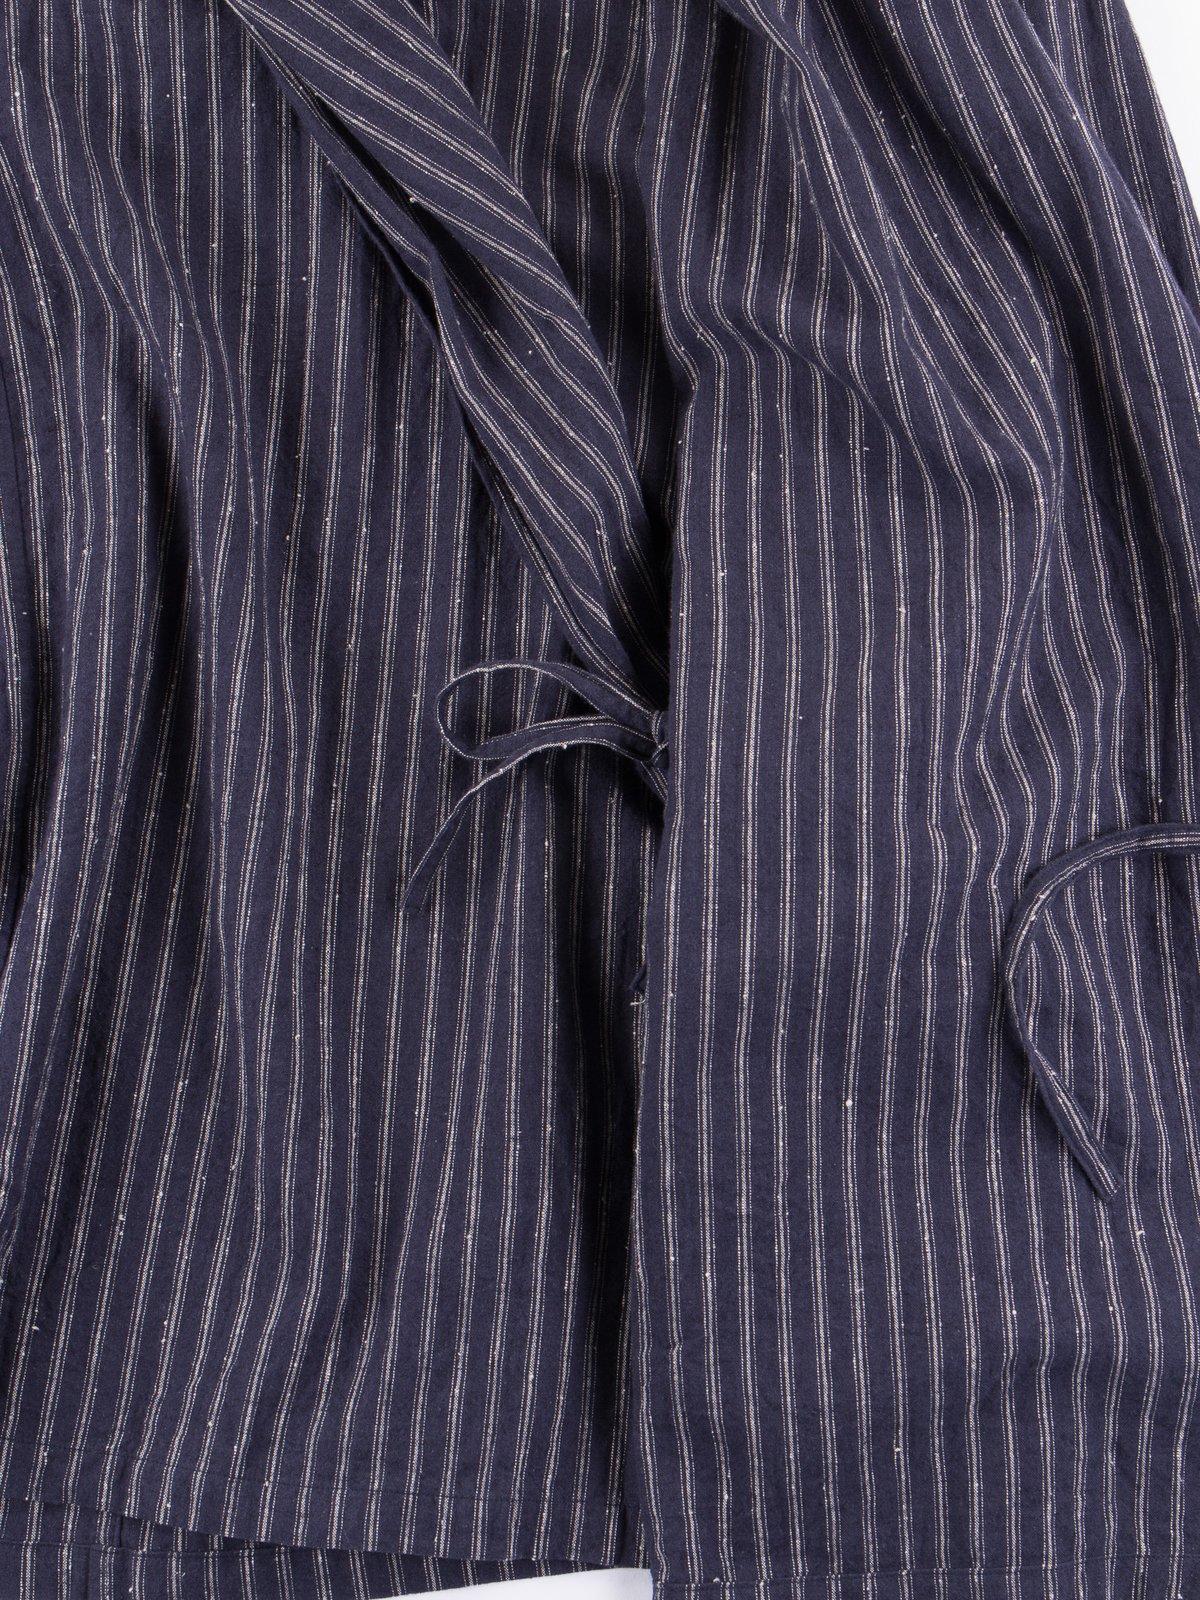 Dark Navy Stripe Robe Jacket - Image 4